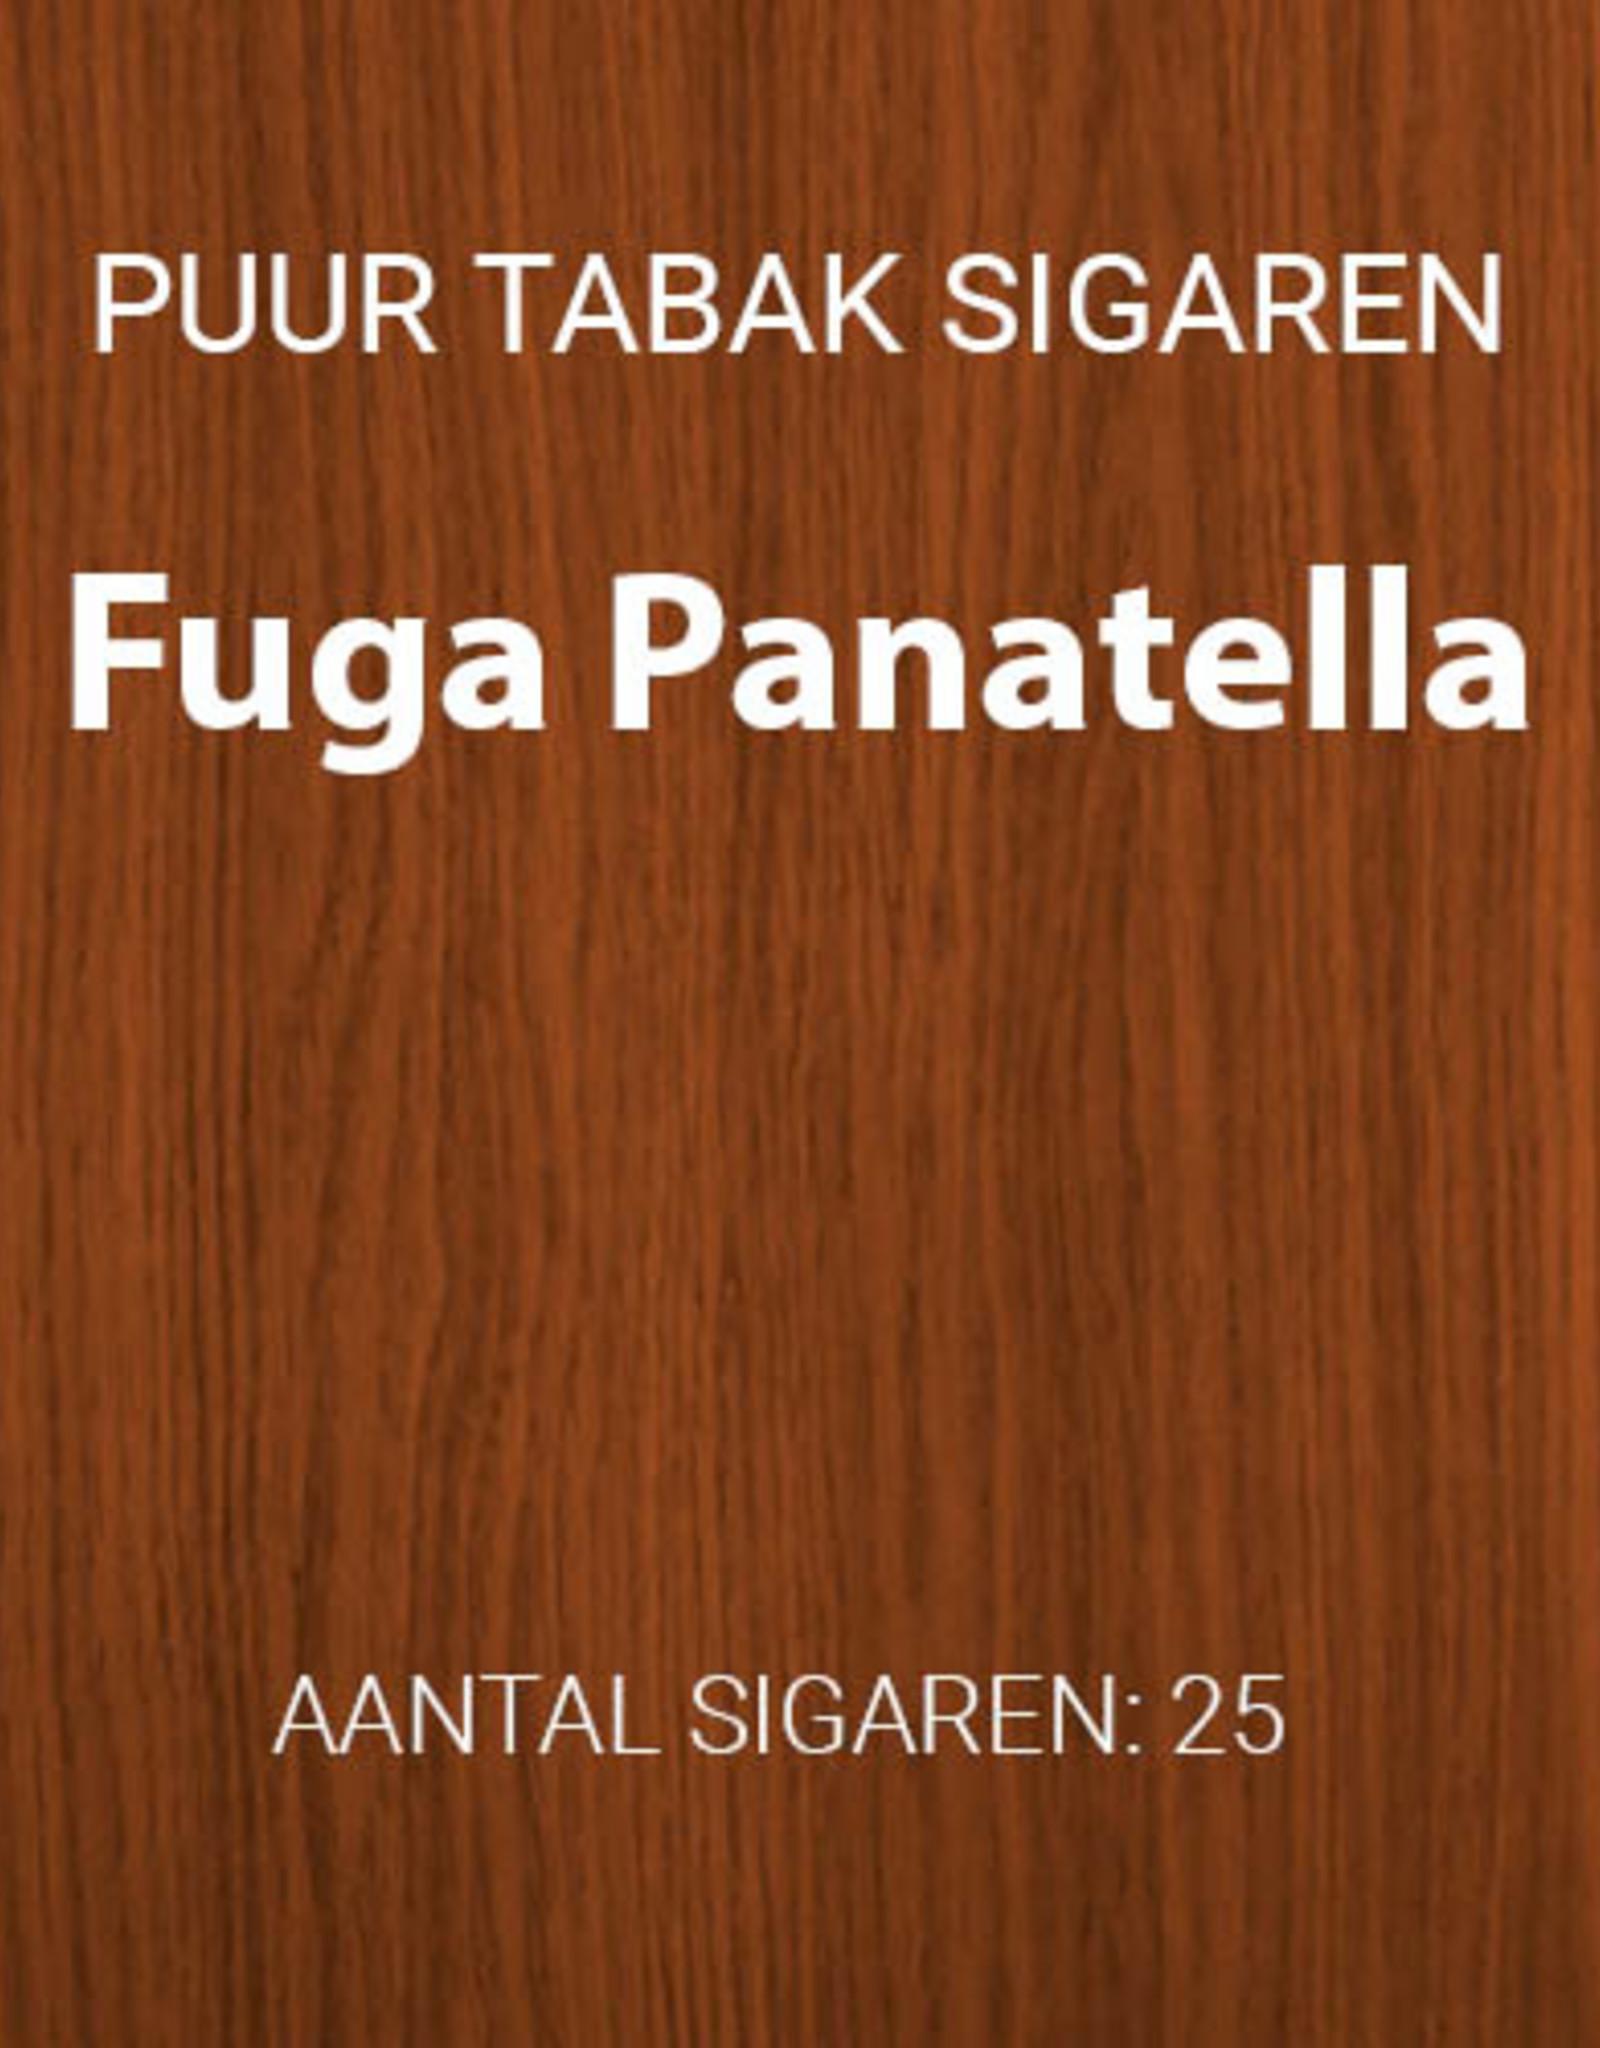 Fuga Panatella